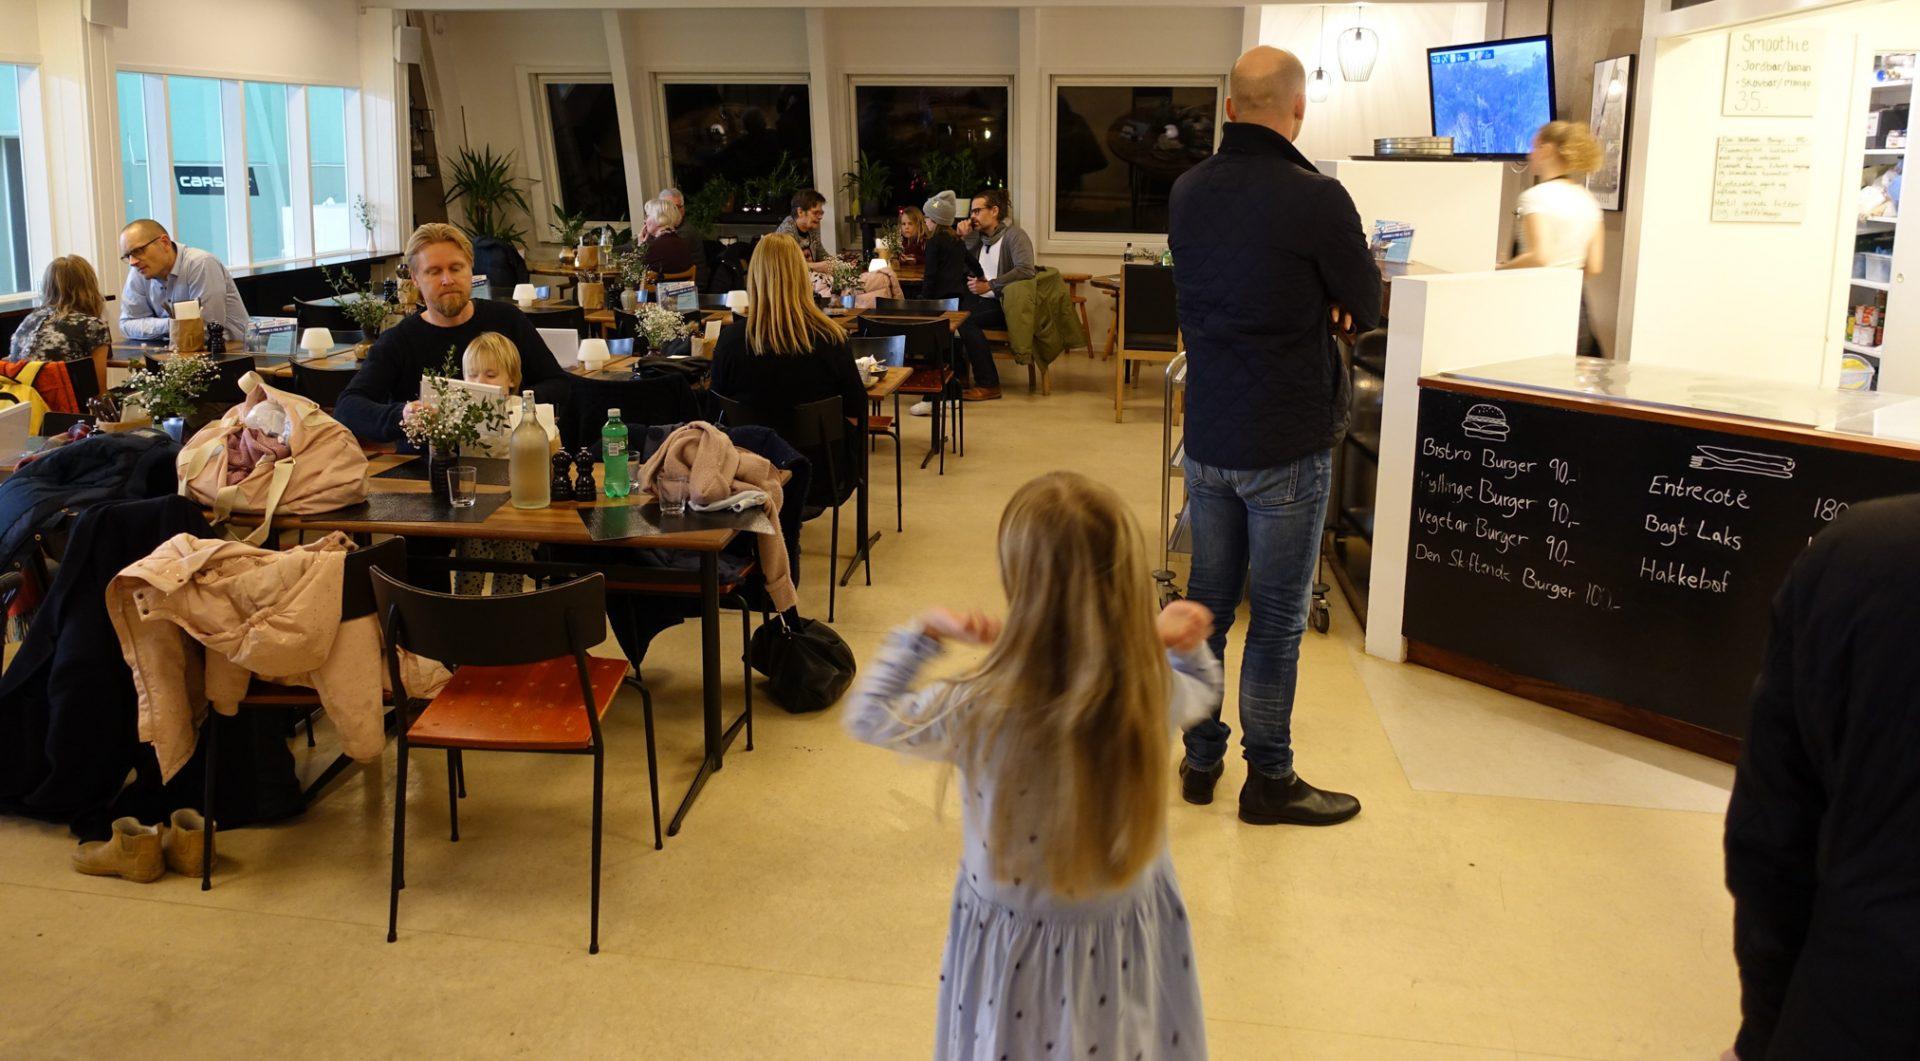 Madanmeldelse: Caféen, hvor man mødes på tværs – velkommen til Bistro 8270